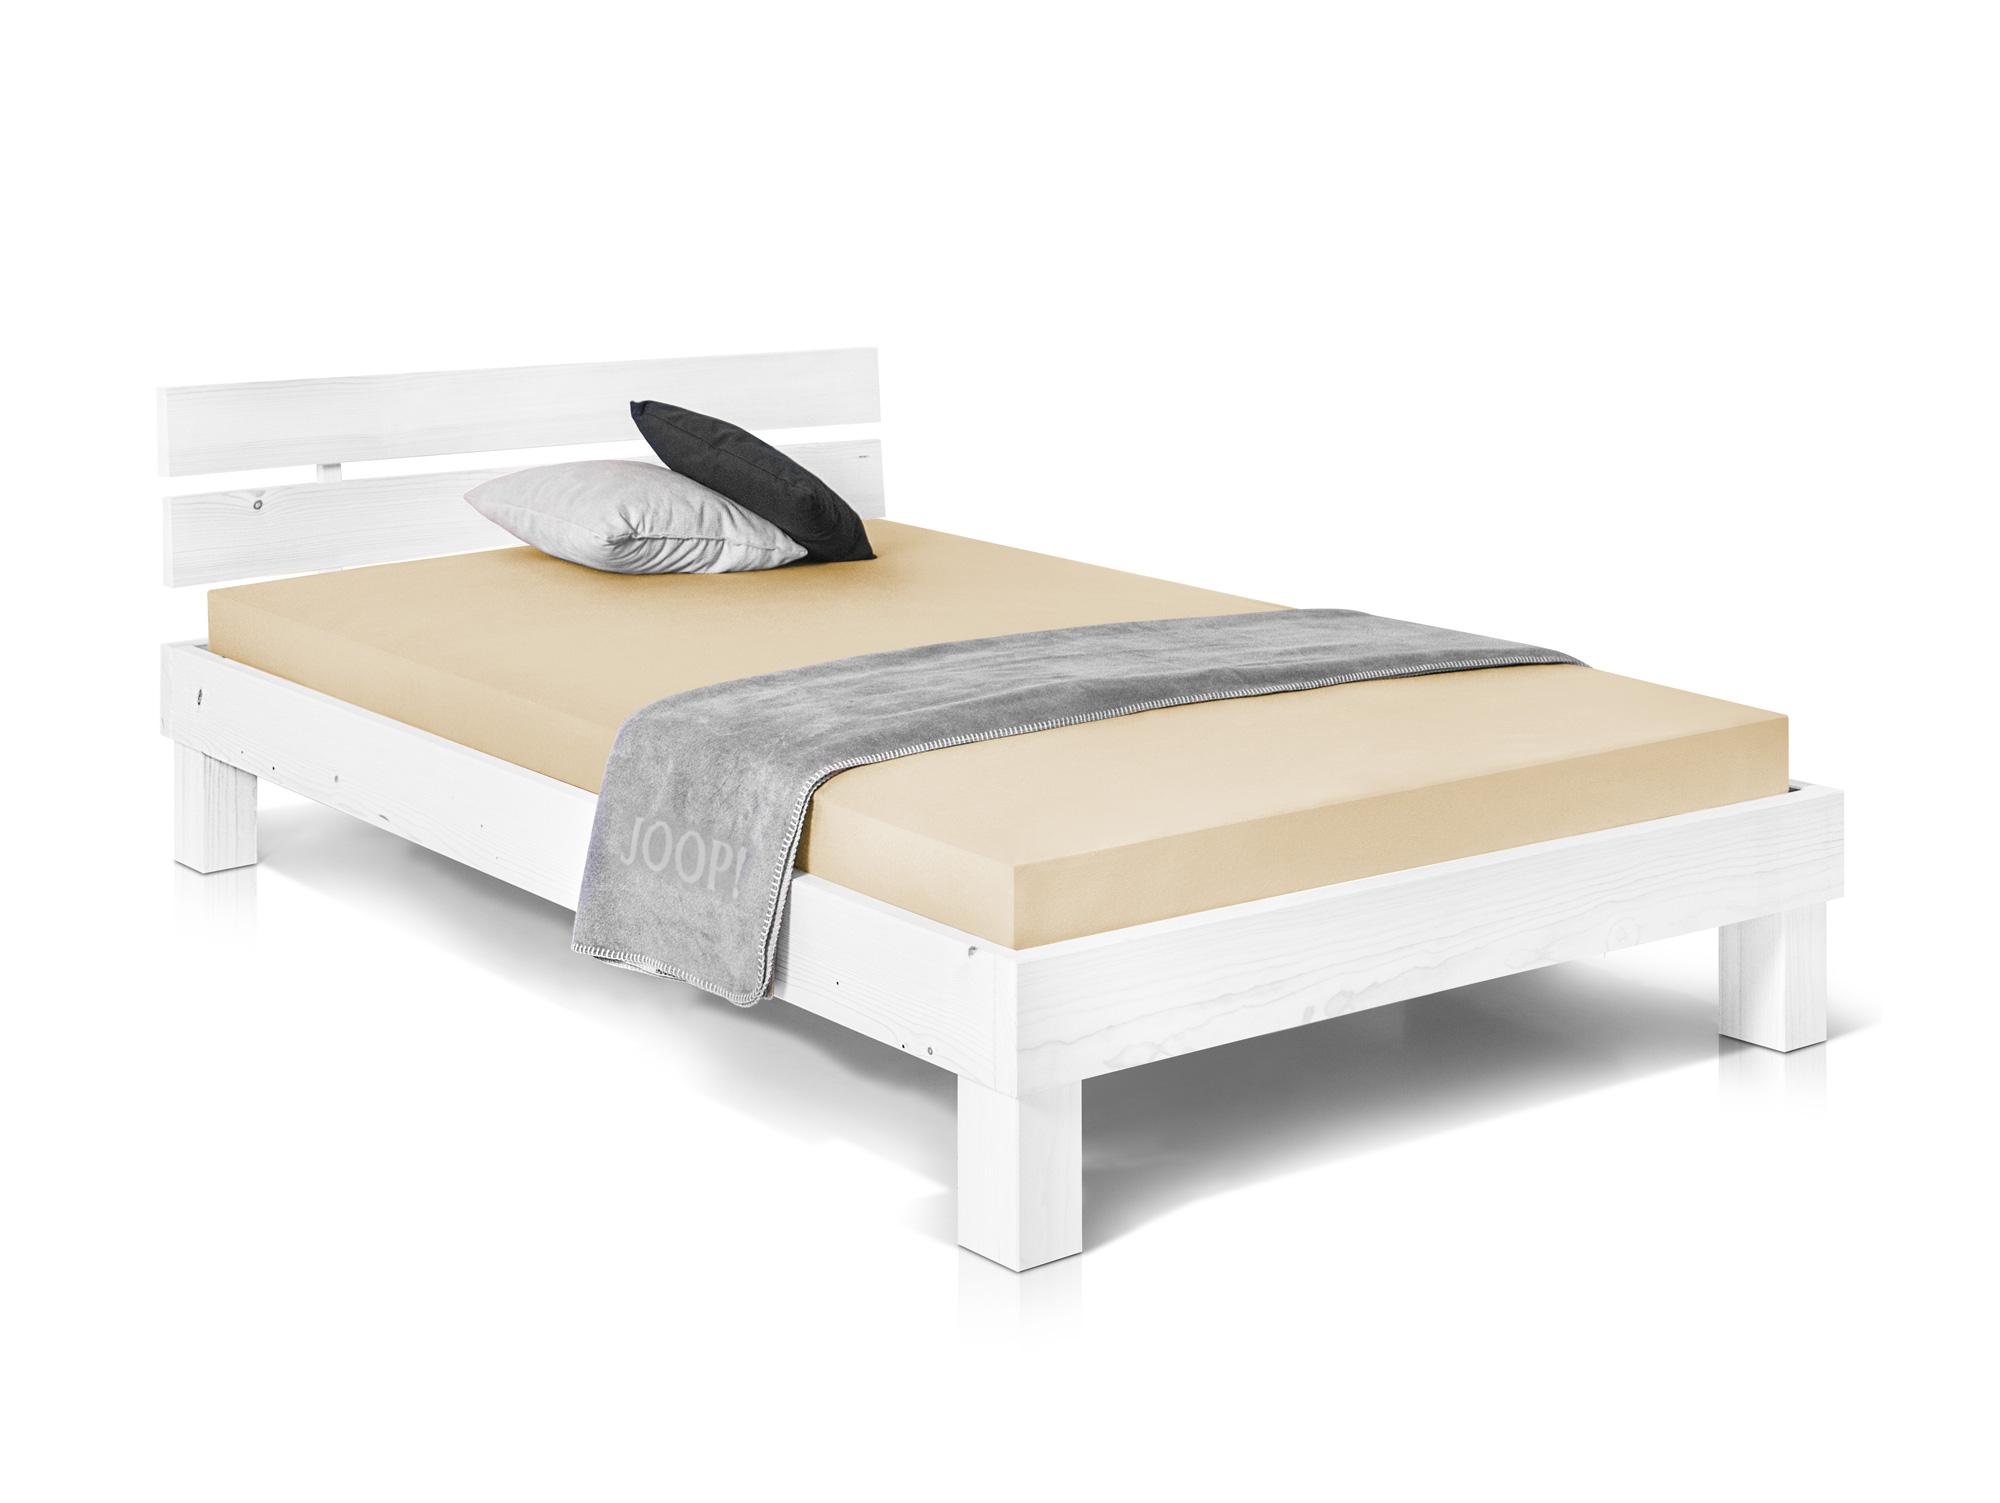 Full Size of Pumba Singlebett Bett Futonbett 120x200 Fichte Massiv Wei Weiss 120 X 200 Antike Betten 160x220 140x200 Mit Bettkasten Sitzbank Aufbewahrung Stauraum 160x200 Bett 120x200 Bett